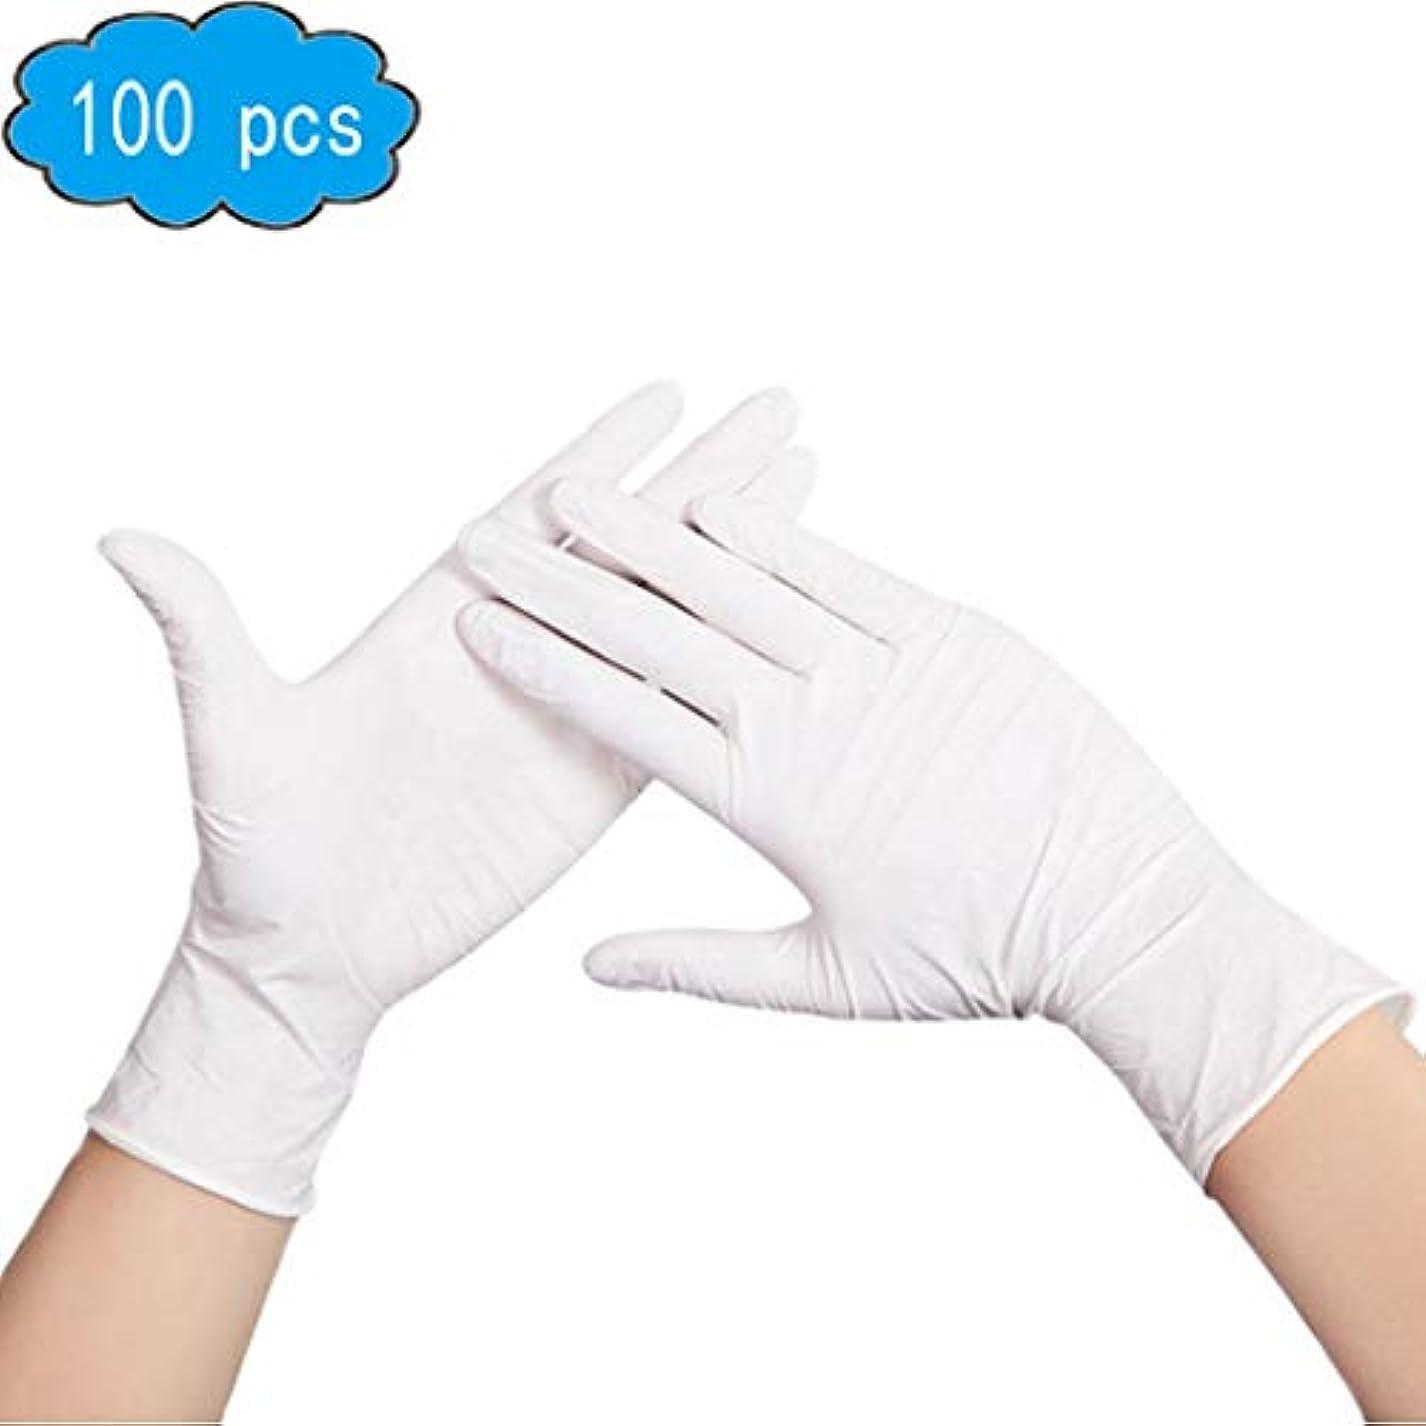 共役開いた系統的ニトリル手袋、ラテックス医療検査用パウダーフリーの使い捨て手袋サイズ中 - 9